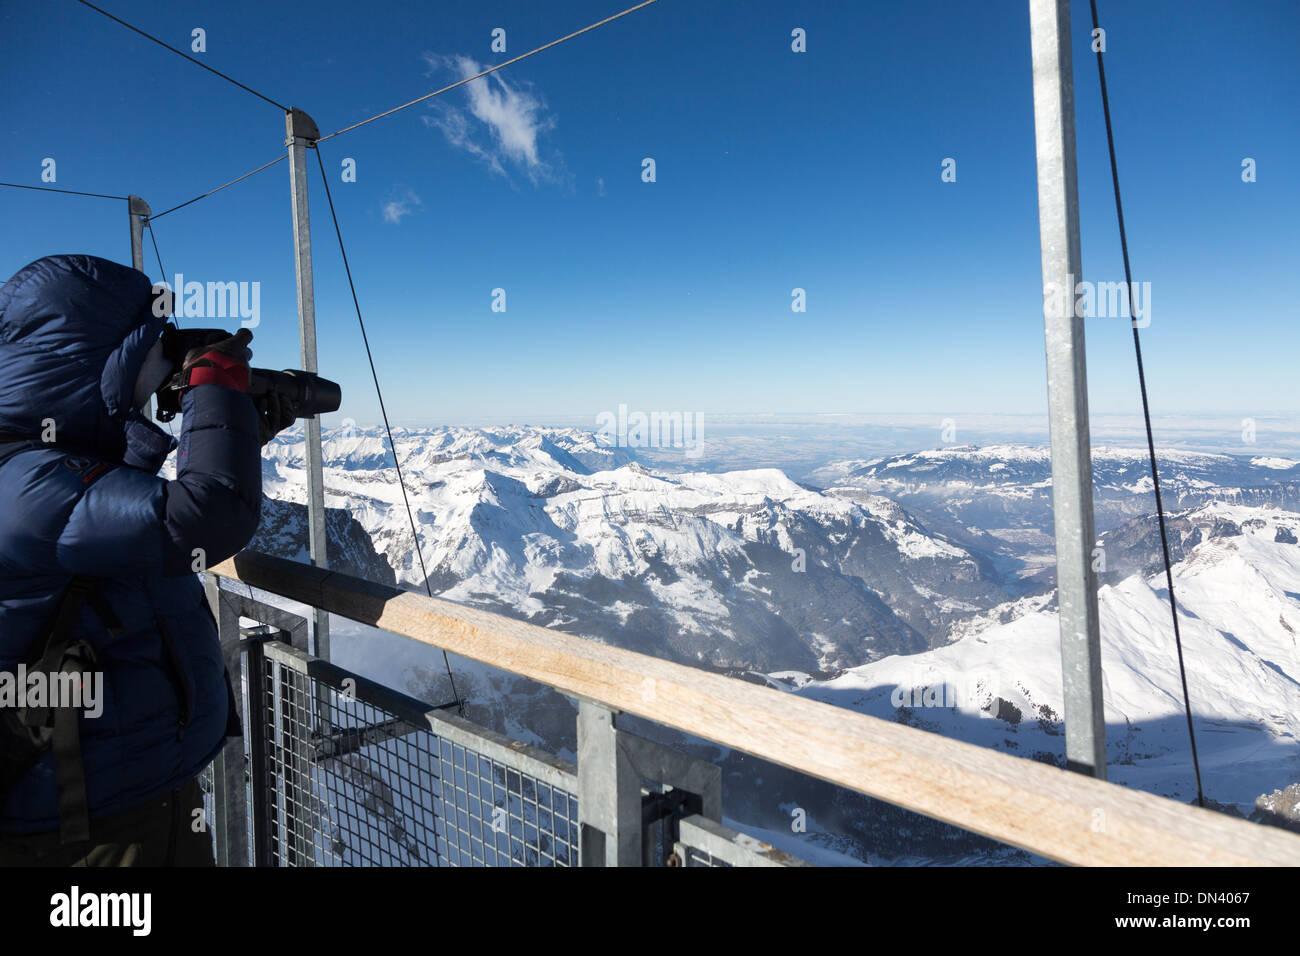 Fotografiar desde la cubierta del Observatorio Sphinx, Jungfraujoch, Suiza Foto de stock